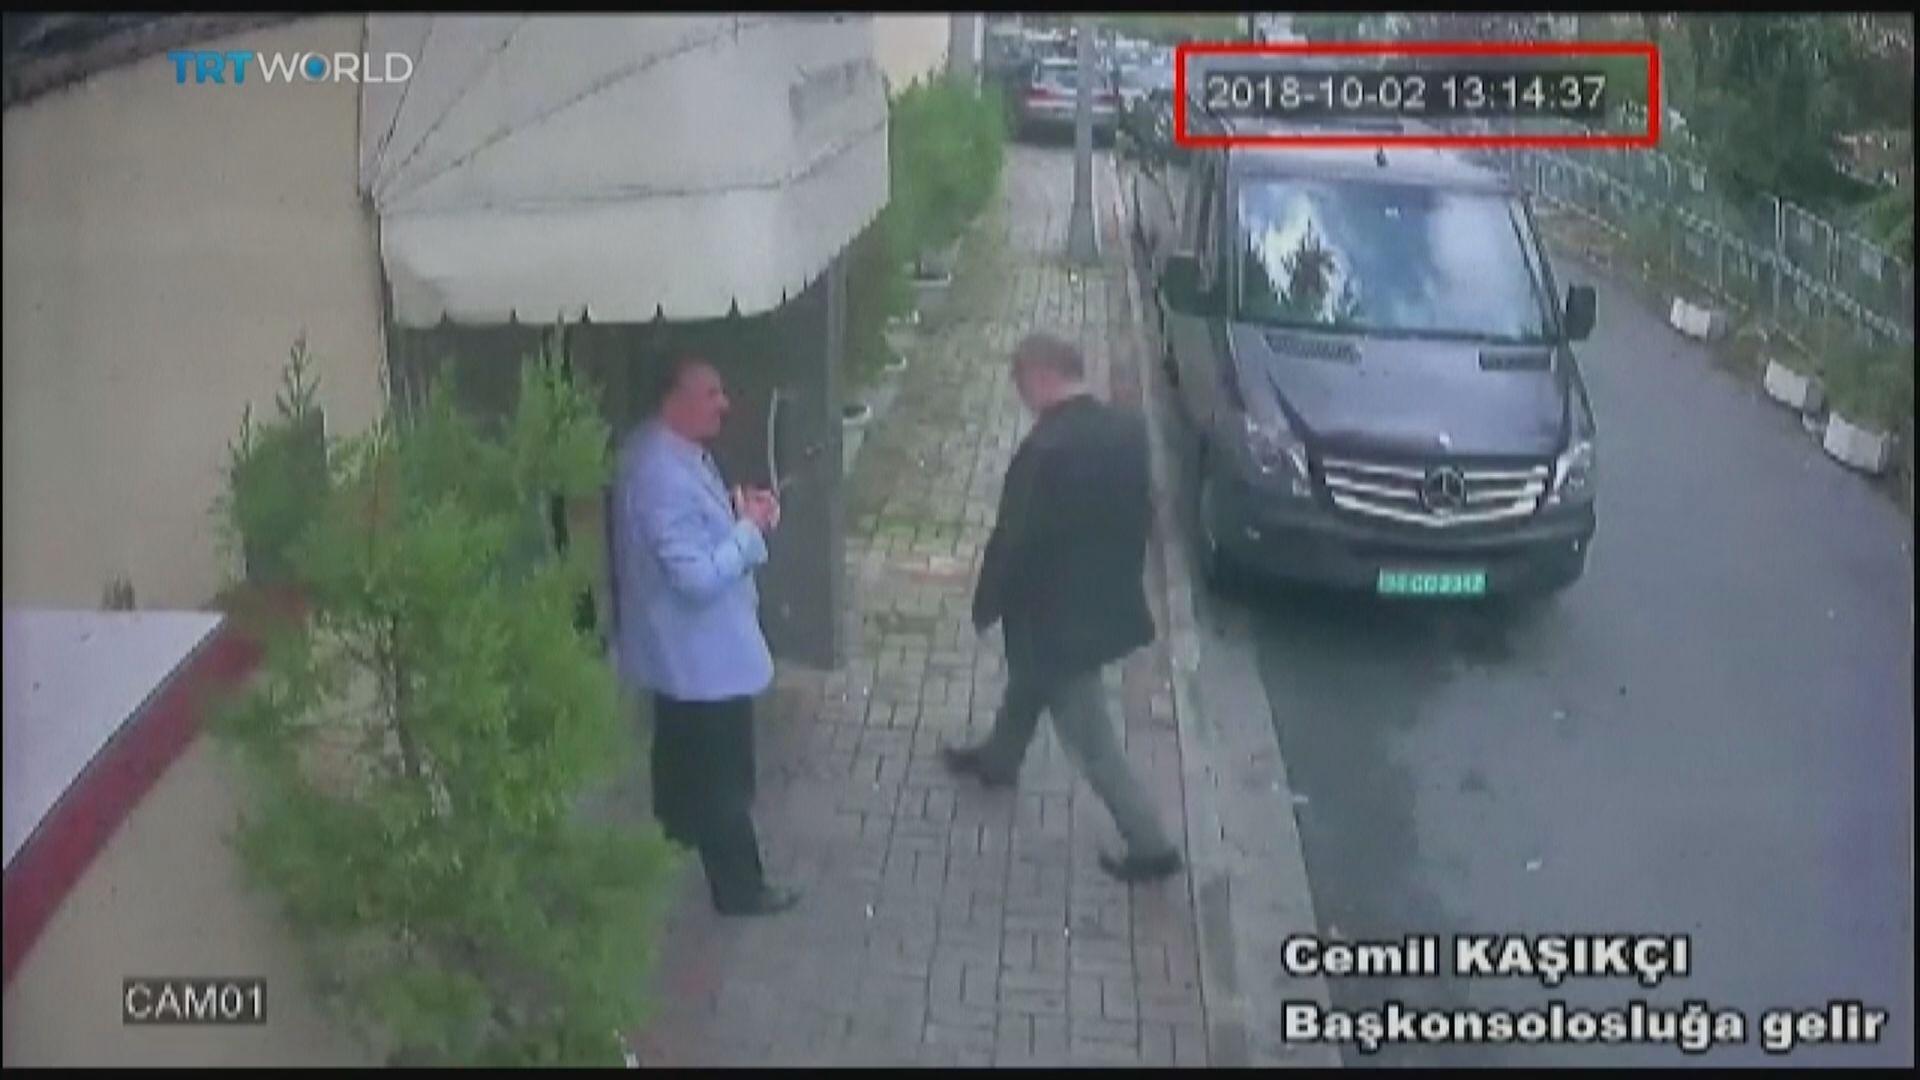 沙特聲稱卡舒吉是在領事館內跟人打鬥致死